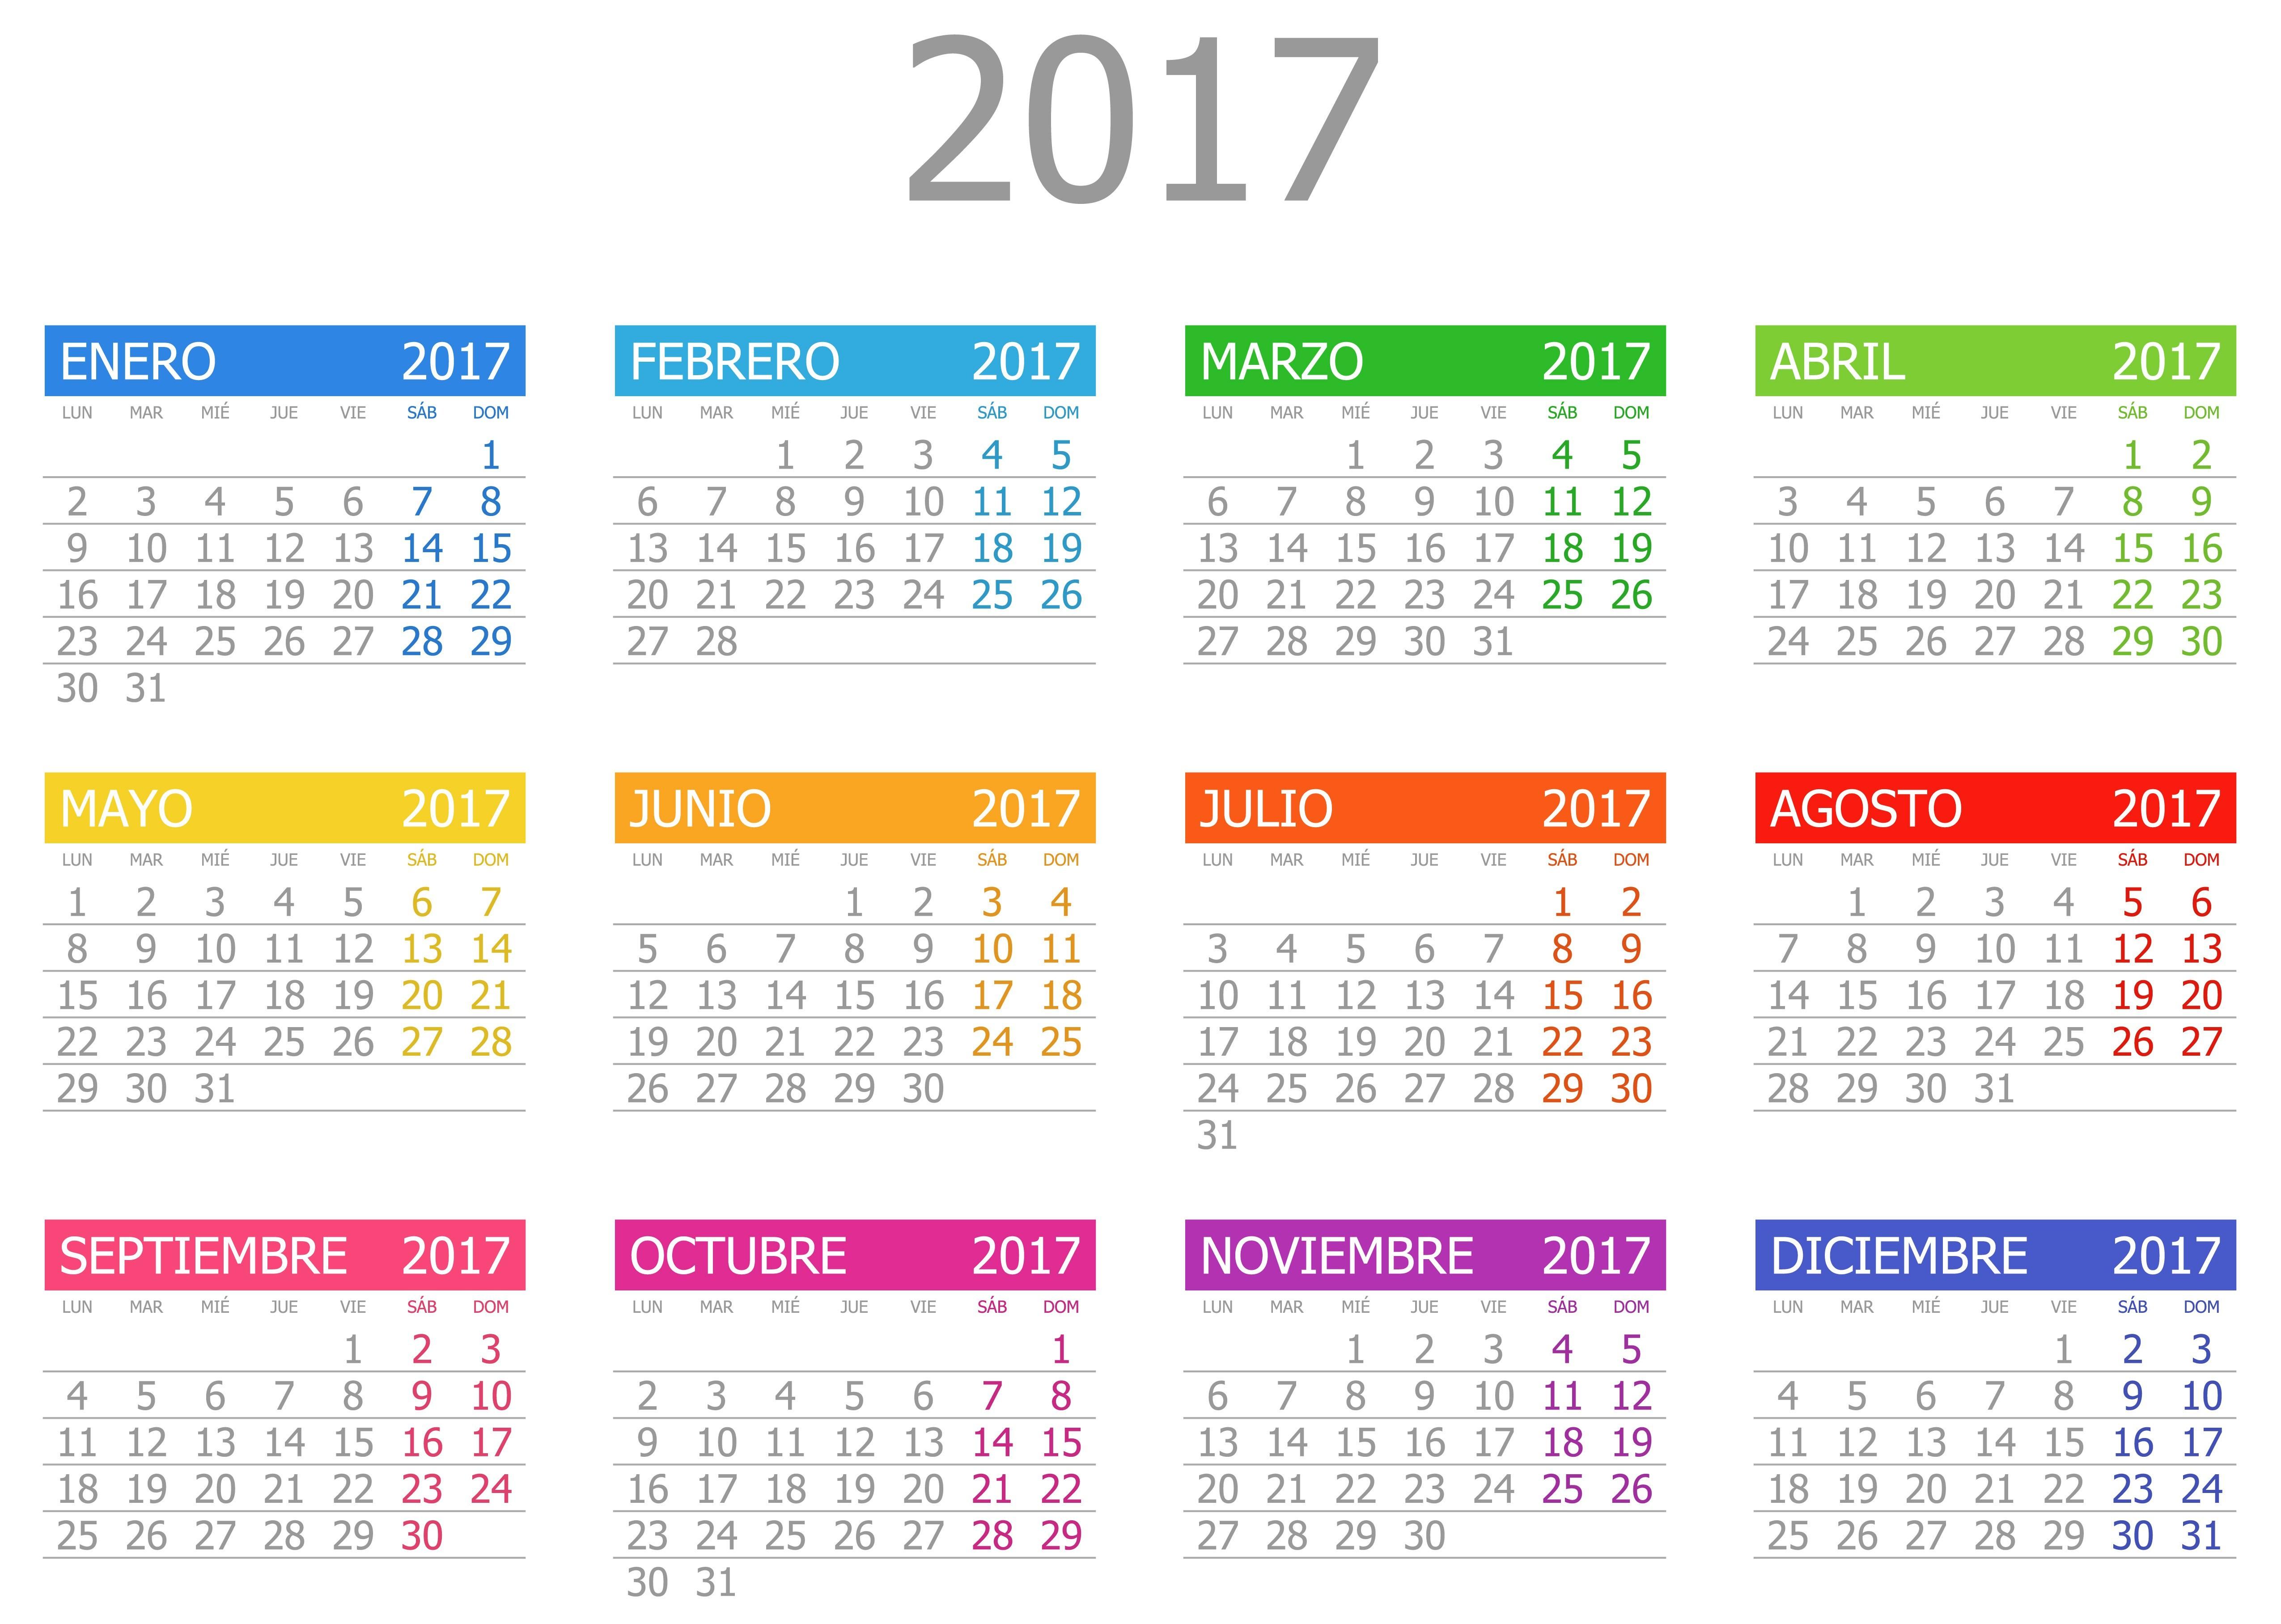 Calendario Semanal Para Imprimir 2017 Más Arriba-a-fecha Calendario En Ingles Para Nios Amazing Descarga Nuestra Ficha Of Calendario Semanal Para Imprimir 2017 Más Recientemente Liberado List Of Synonyms and Antonyms Of the Word Agenda 2016 Enero